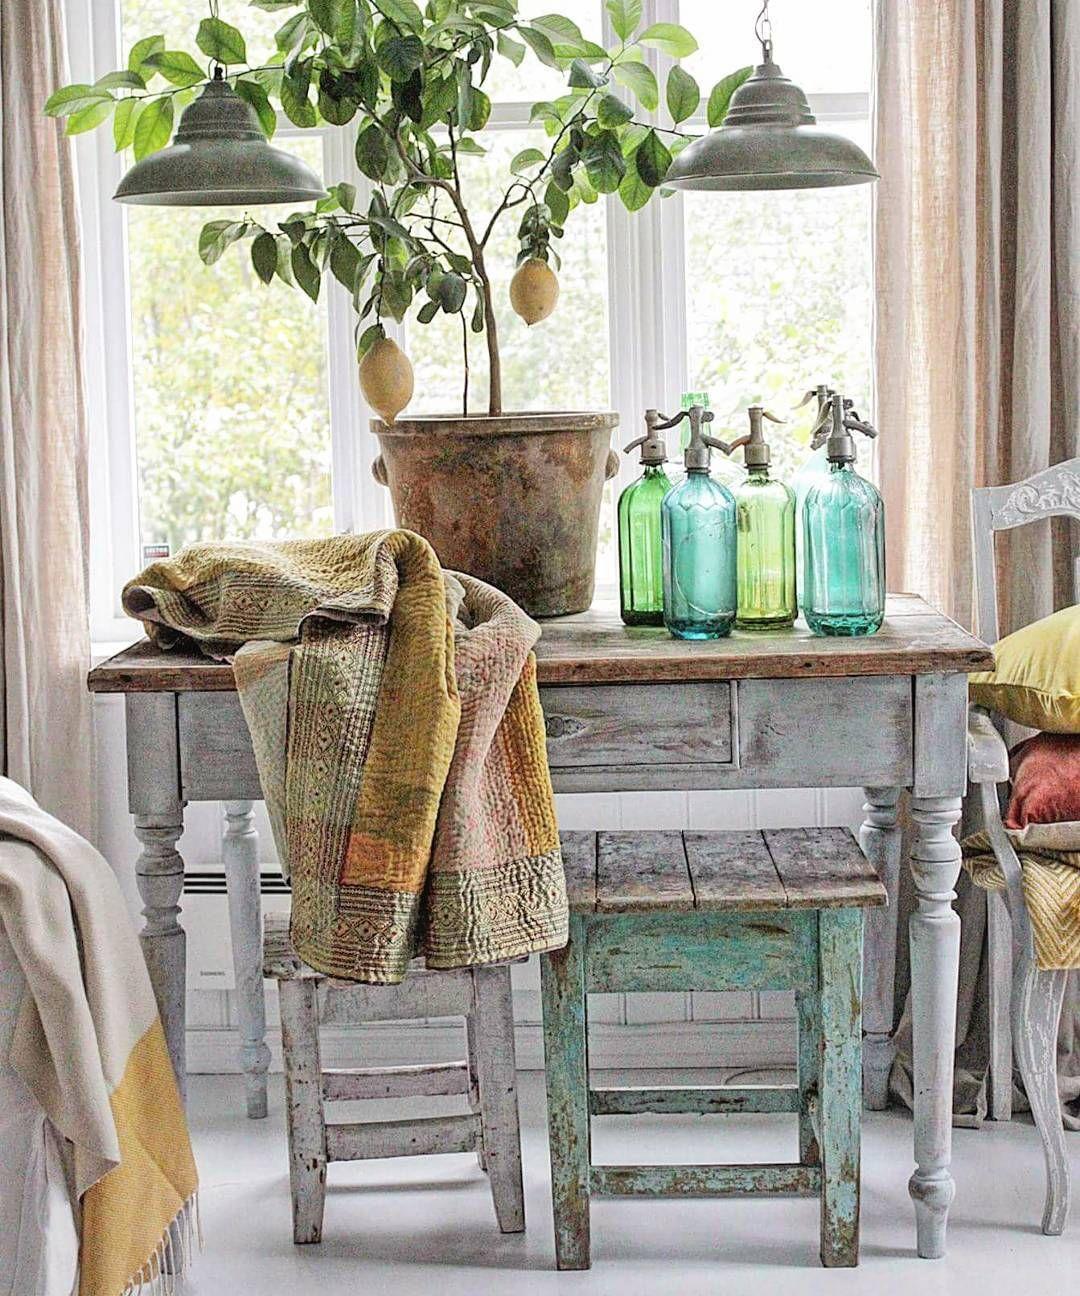 God ny uke der ute 💙Her et bilde fra kjellerstua vår.Fortsatt liv i sitrontreet jeg kjøpte på IKEA til 149 kr i vinter...😀👍 De grønne flaskene er fra loppisturer til Danmark og den turkise taburetten og blå flasker er fra @c.i.a_cederbergs_interiors.  #myhome #vakrehjemoginteriør #gammeltglass #brocante #vibekedesign #kidinteriør #kremmerhuset